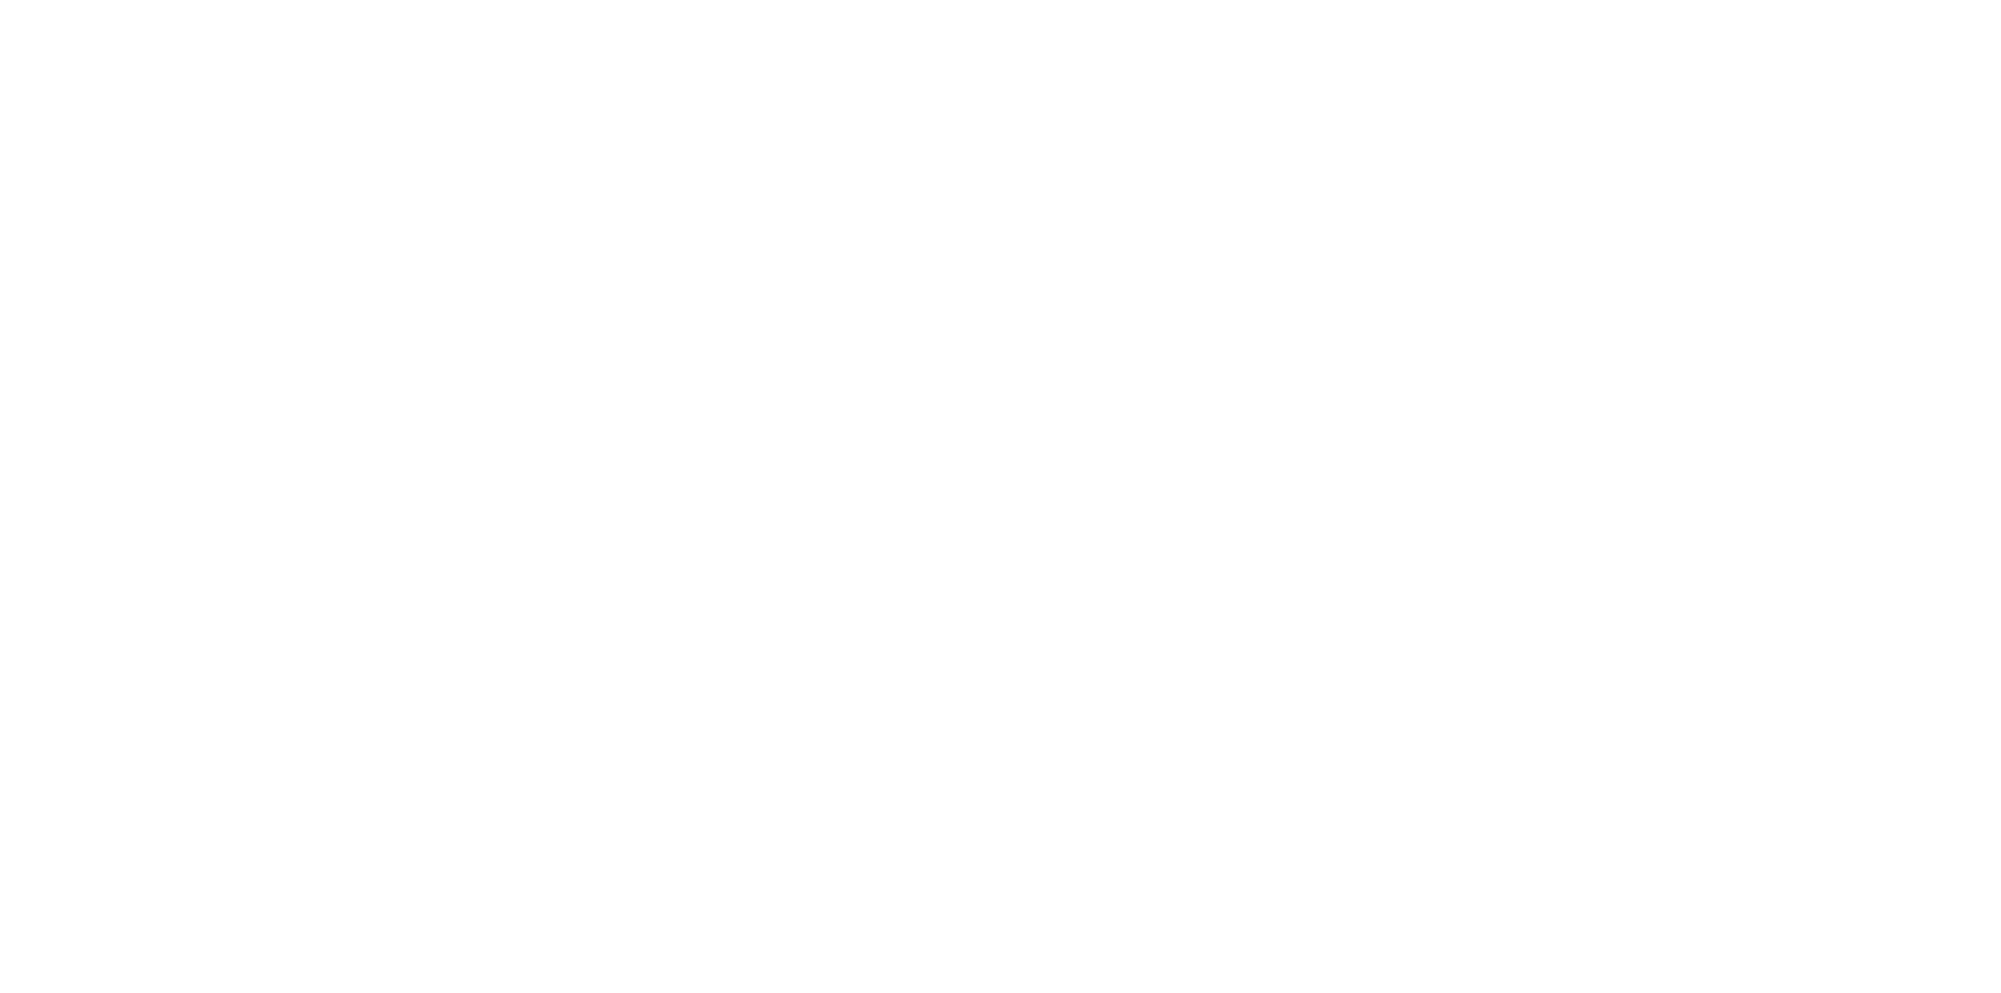 AICPA 3